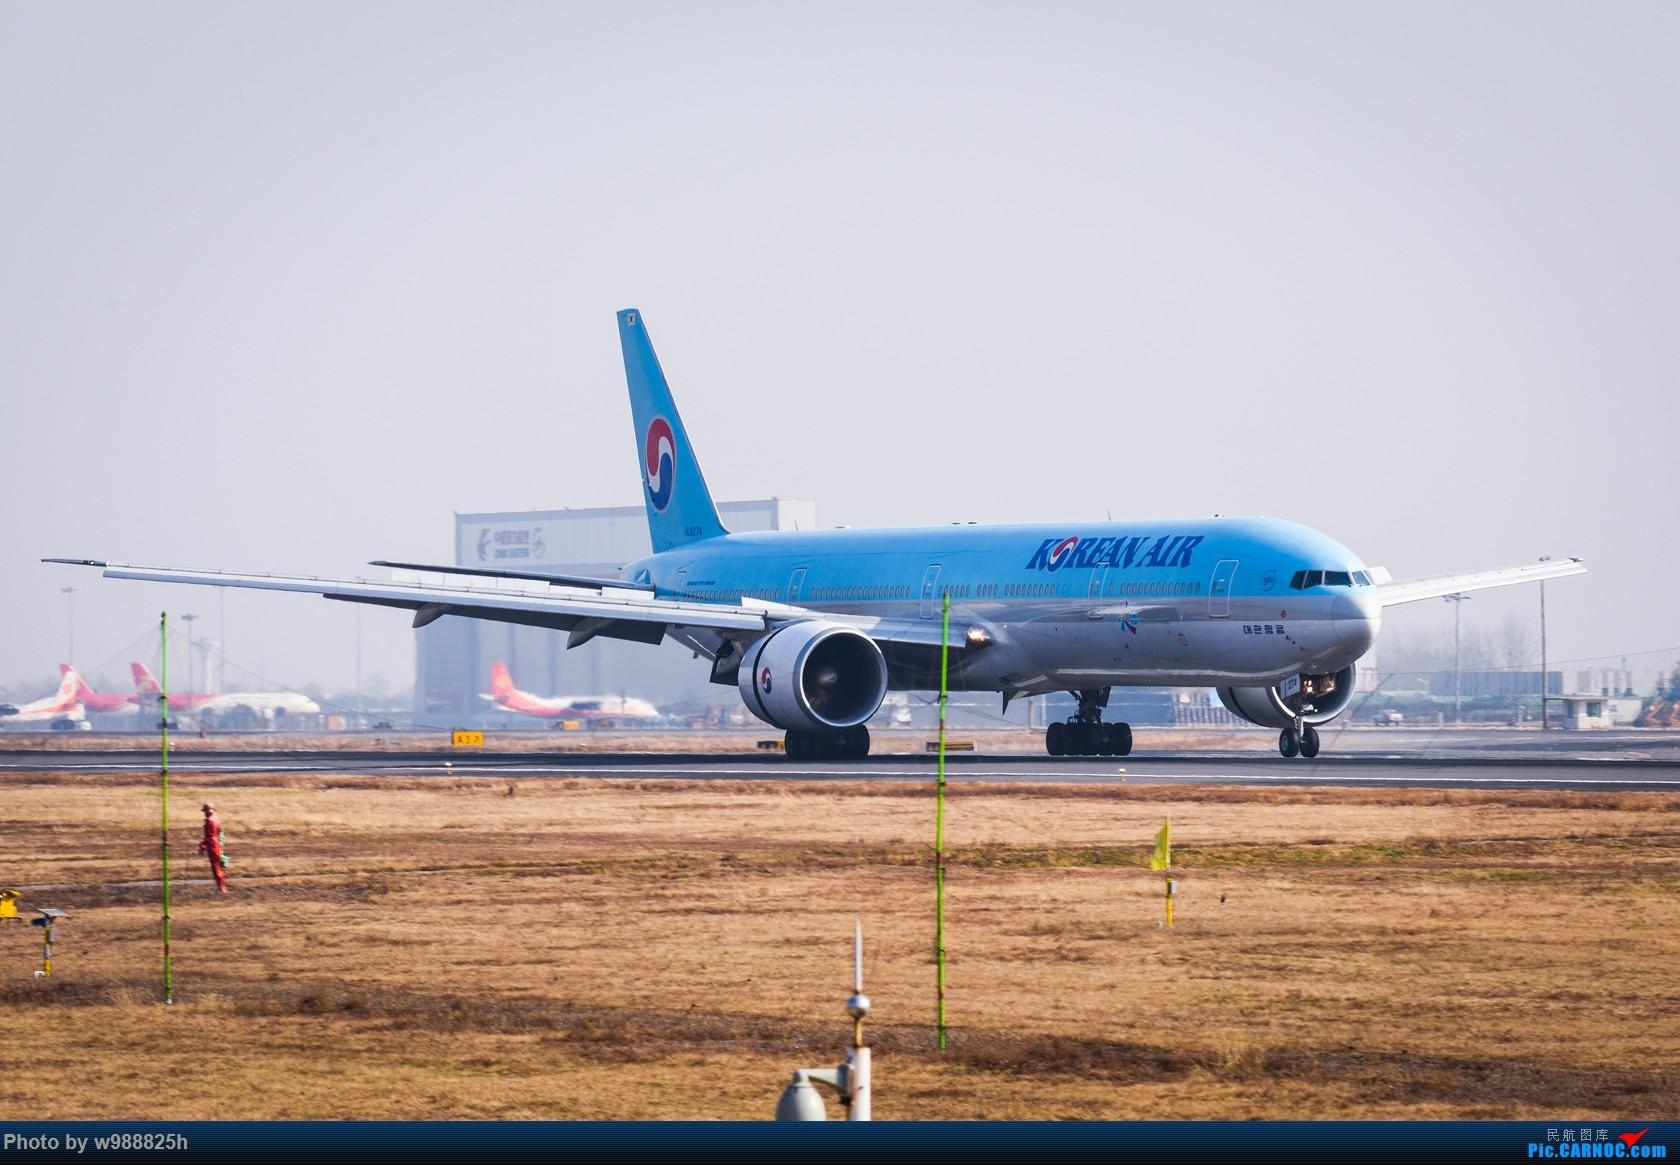 Re:[原创]【西安土著】换机后XIY首拍 就当提前给四千万庆功了 BOEING 777-300ER HL-8274 中国西安咸阳国际机场